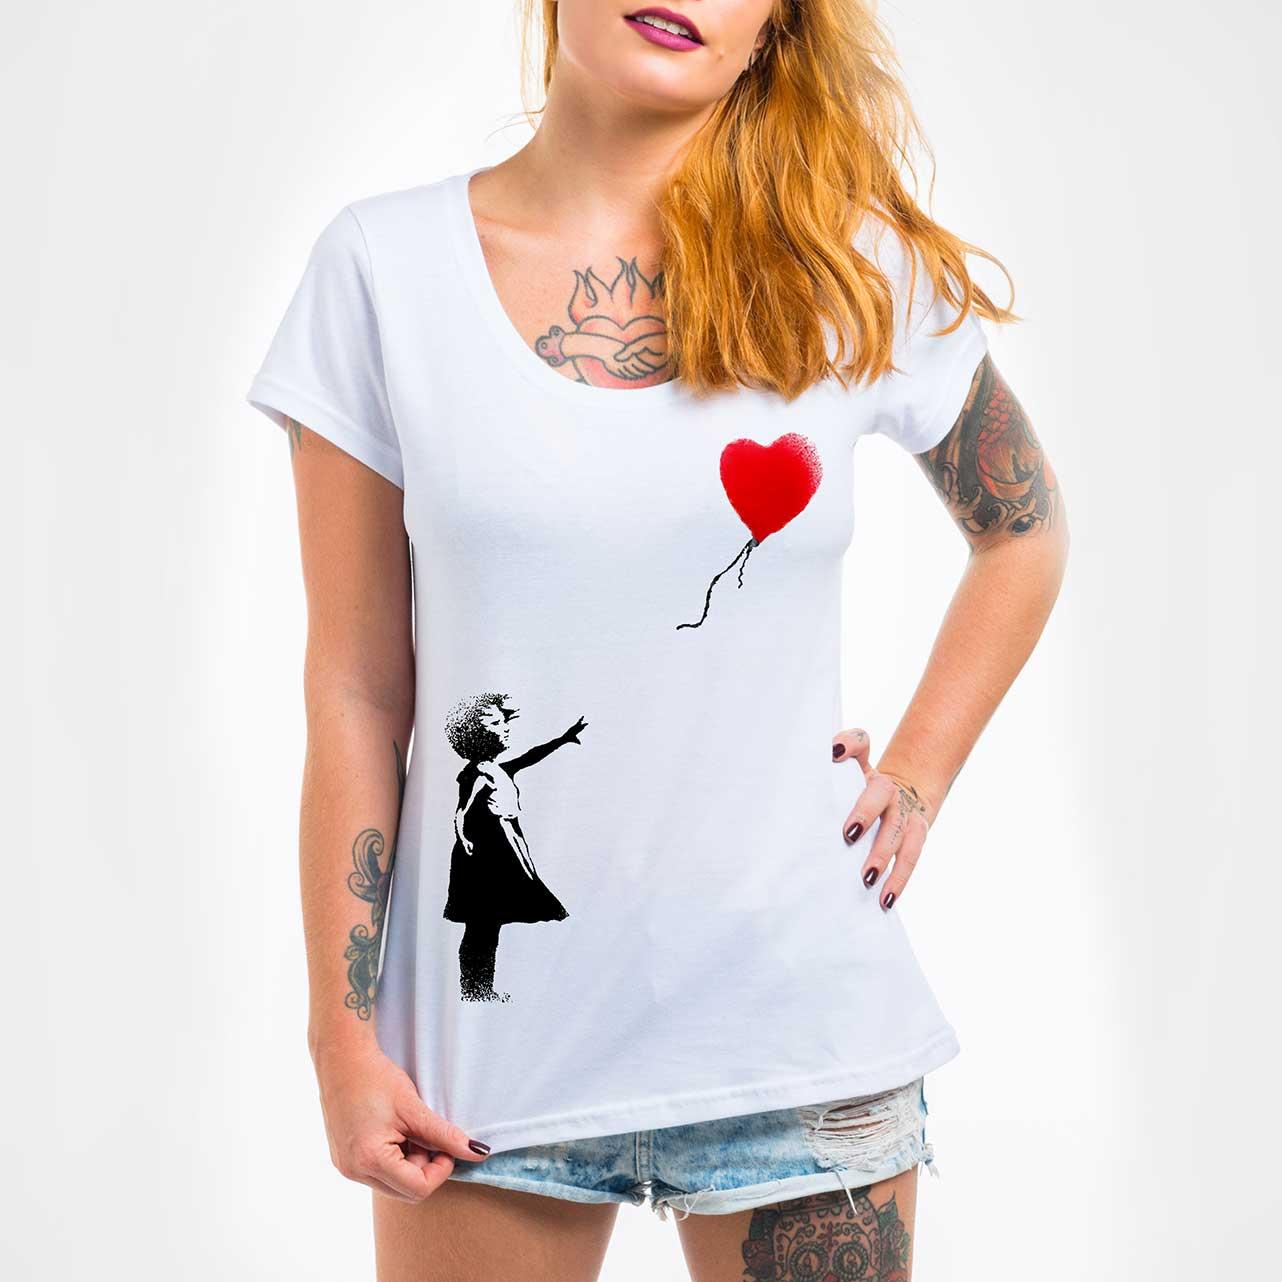 Camisa Feminina - Balloon Girl